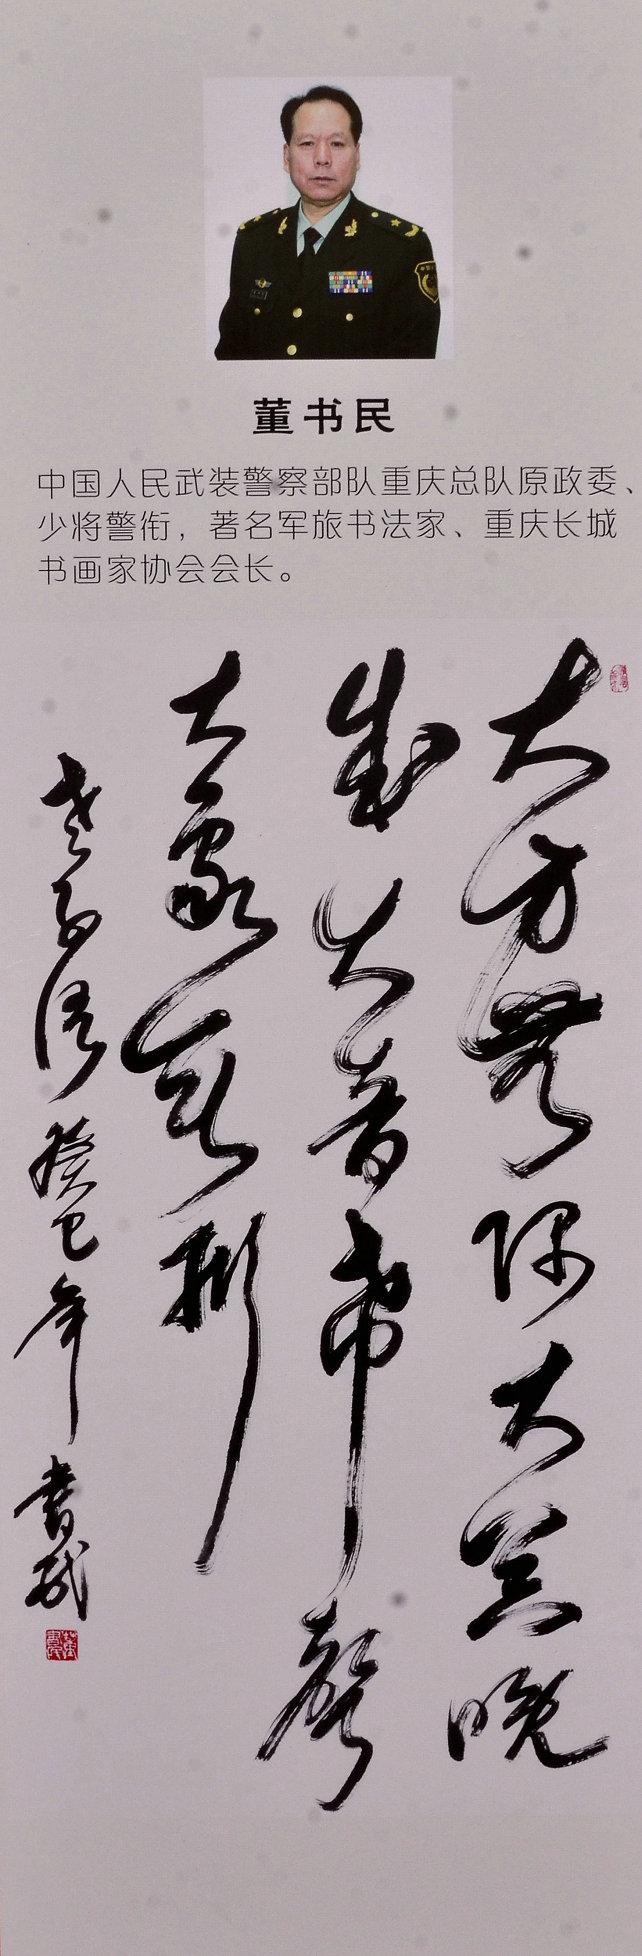 """""""翰墨中国梦,书画石狮行""""全国书画名家作品展"""